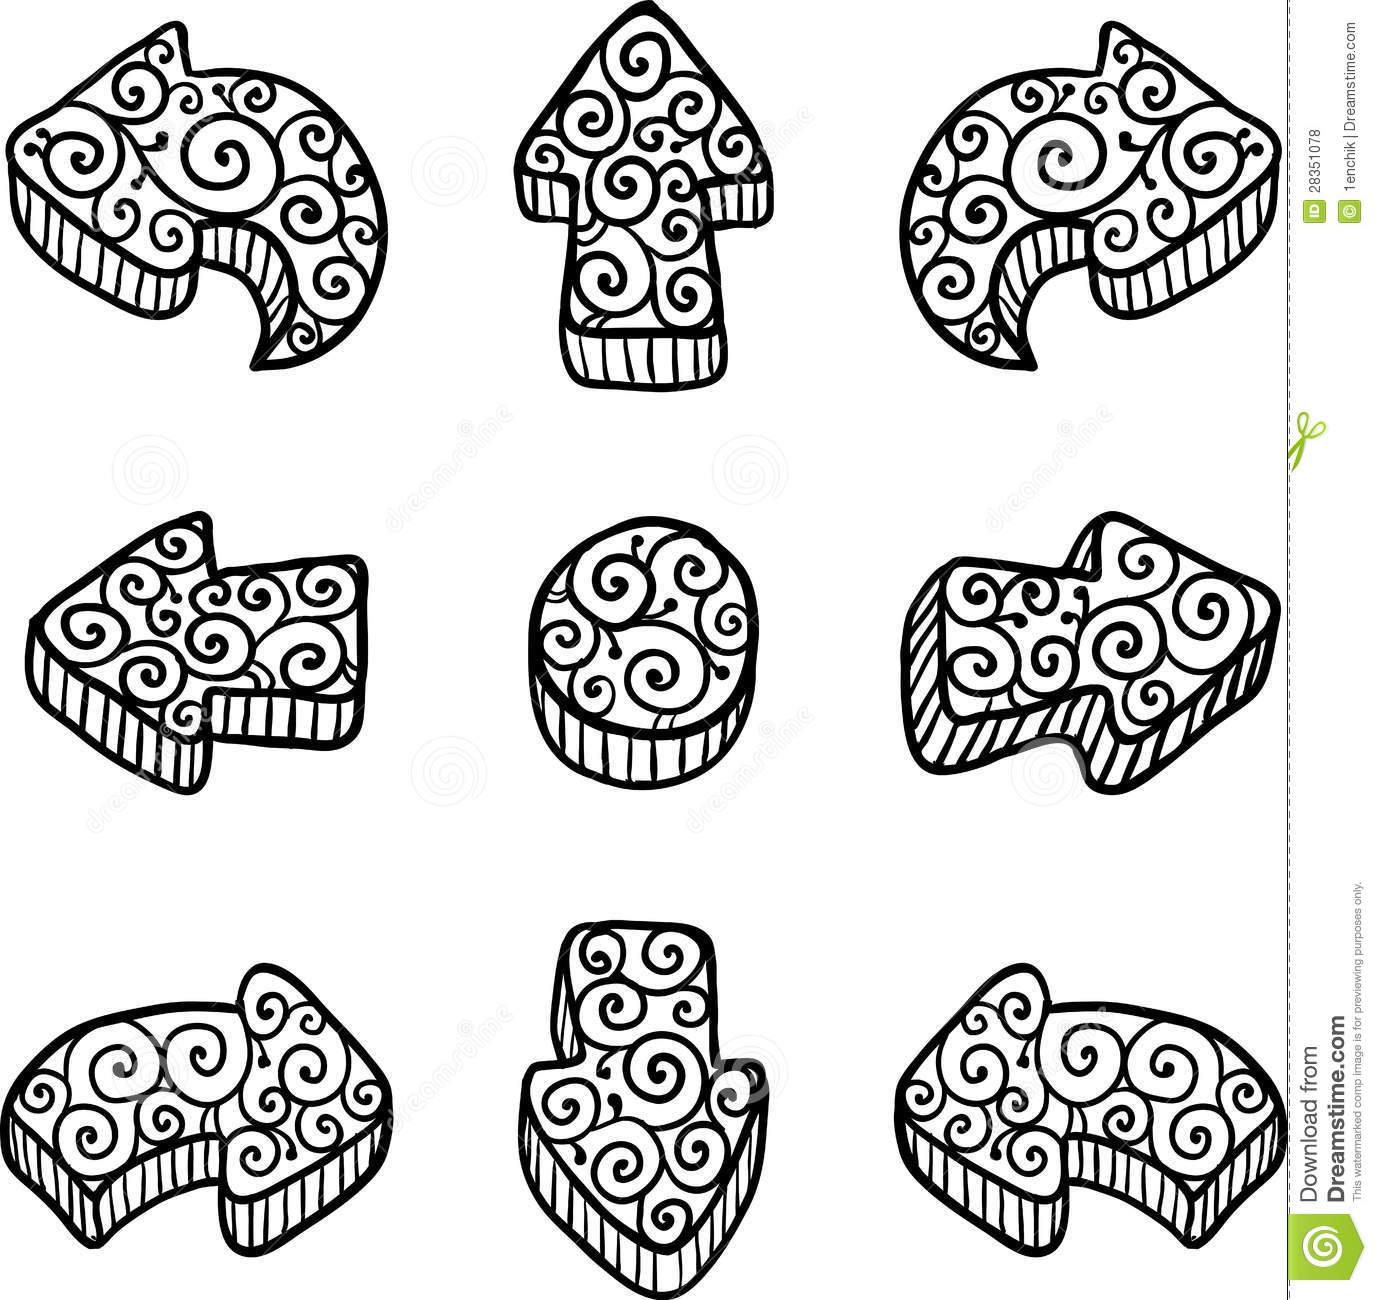 Doodle arrow clip art png free Doodle arrow clipart free - ClipartFest png free